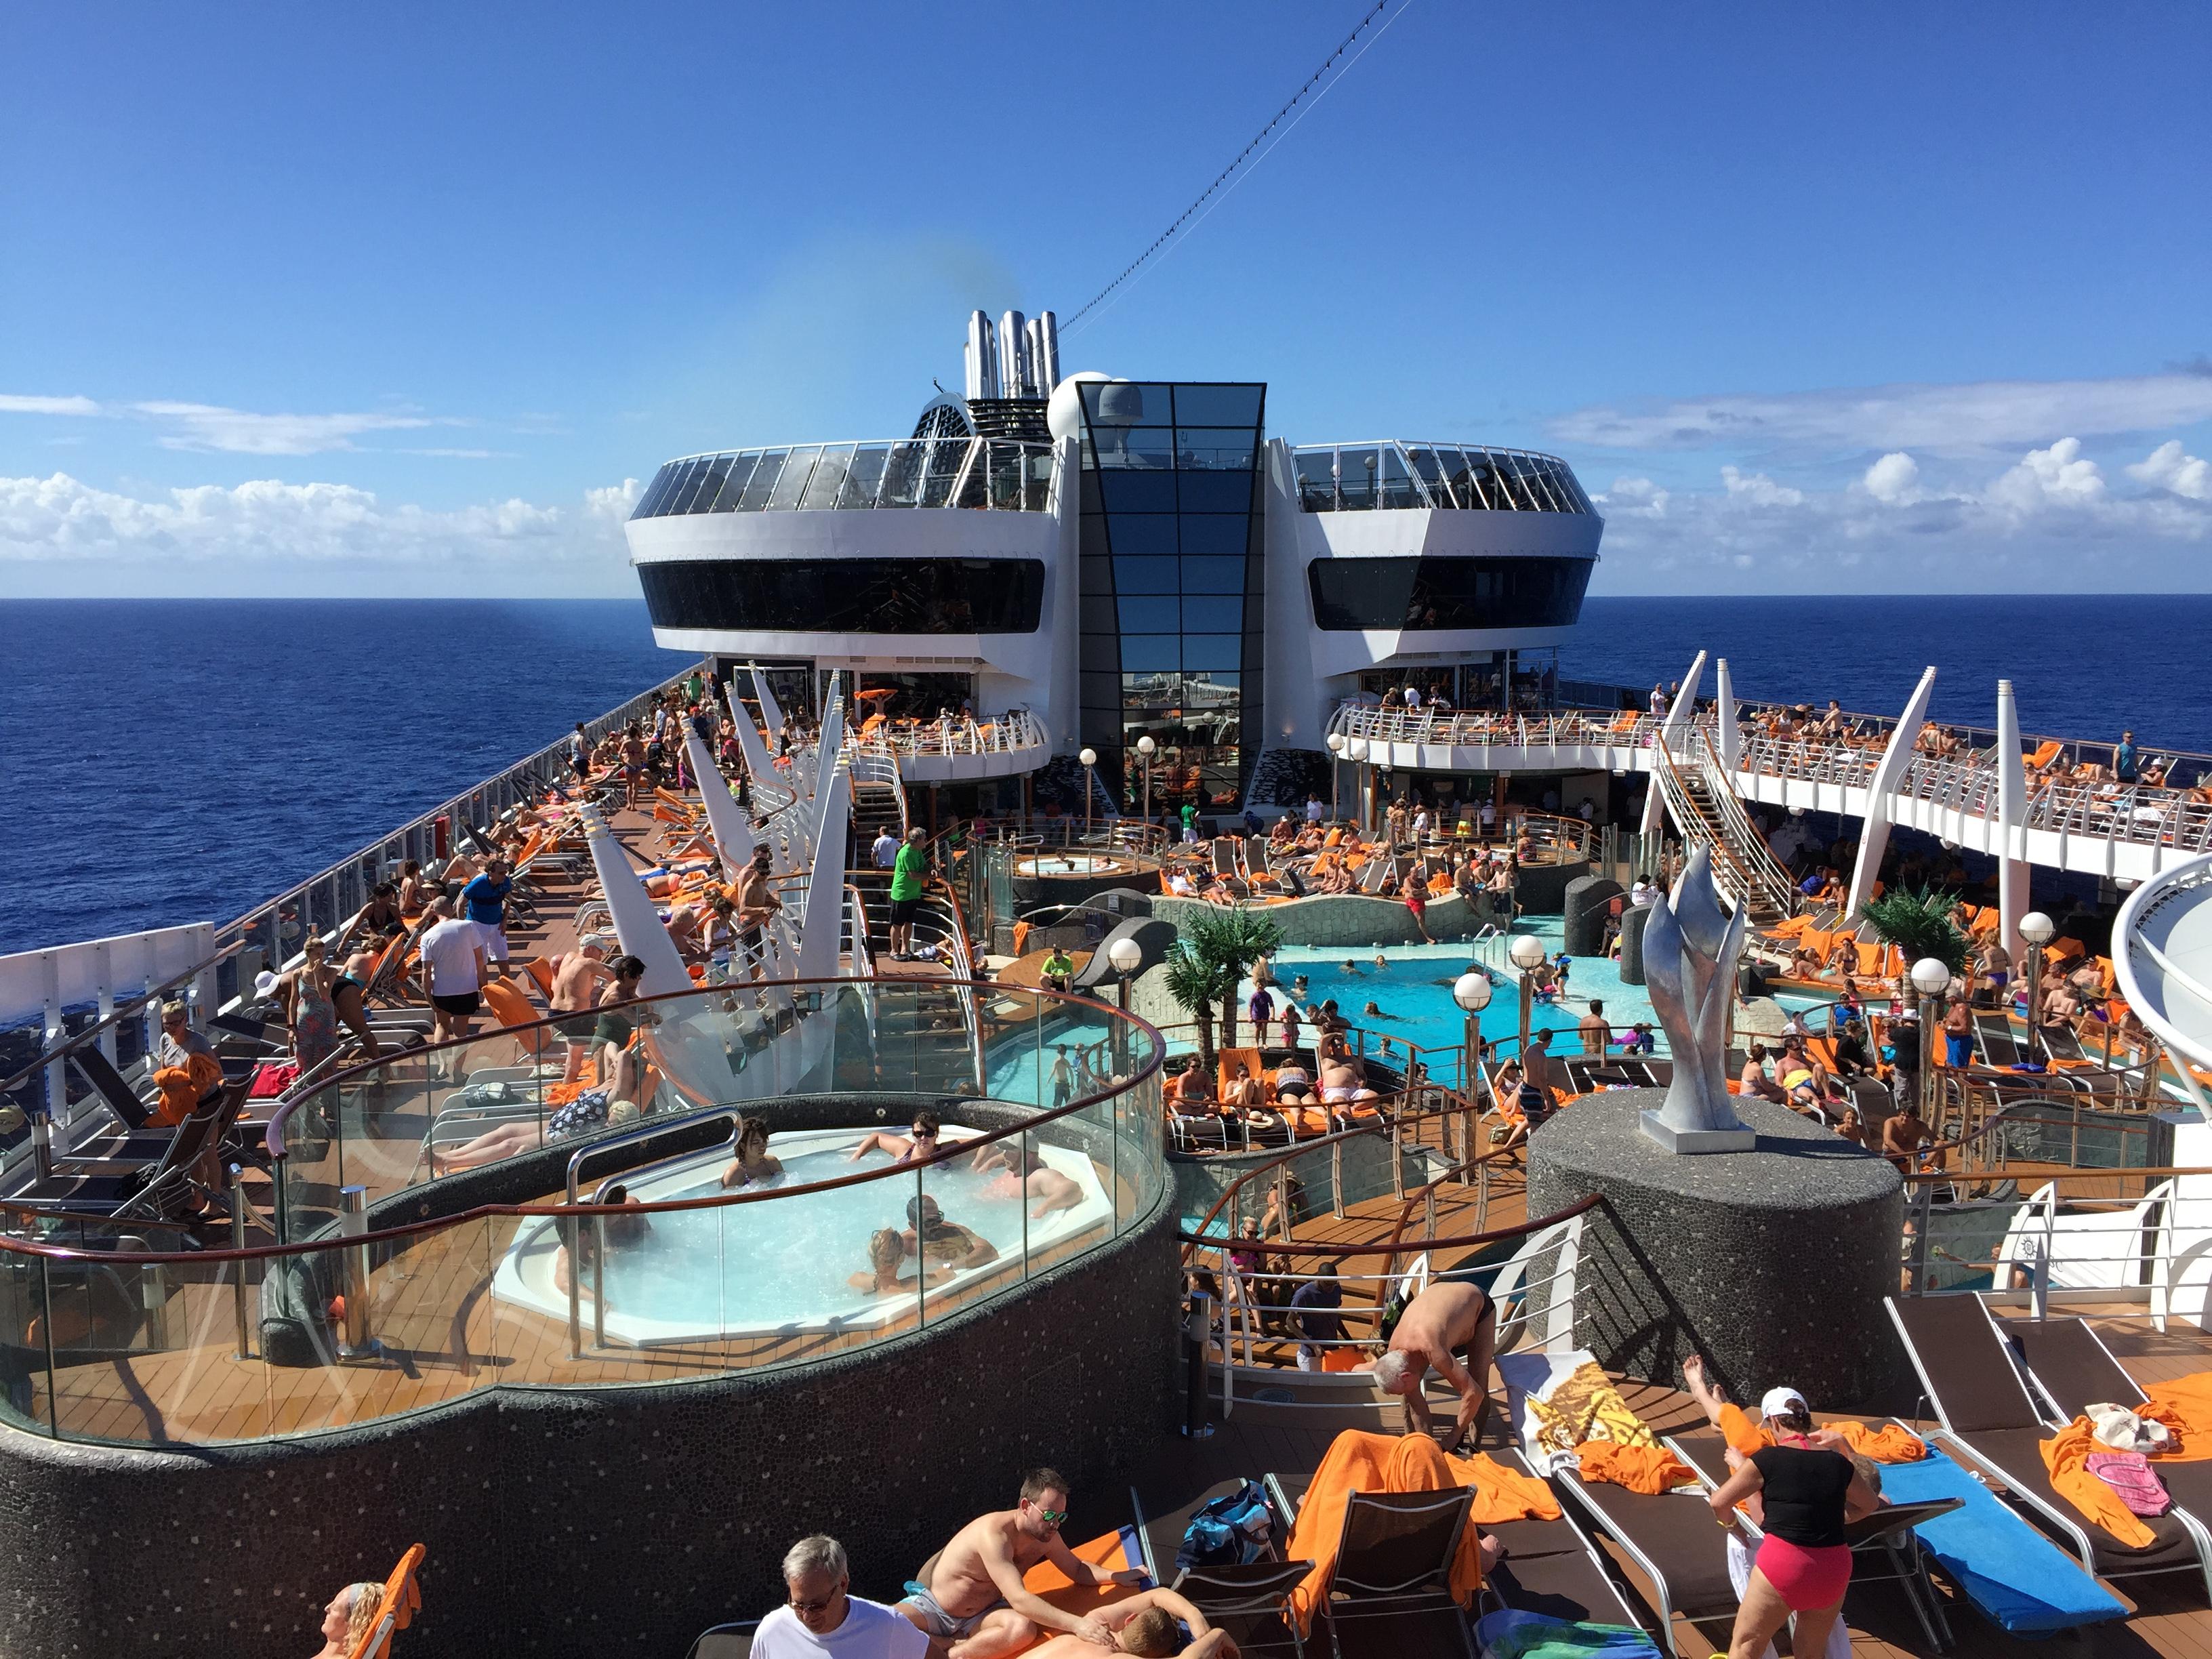 Crucero MSC Divina - Deck de la piscina principal